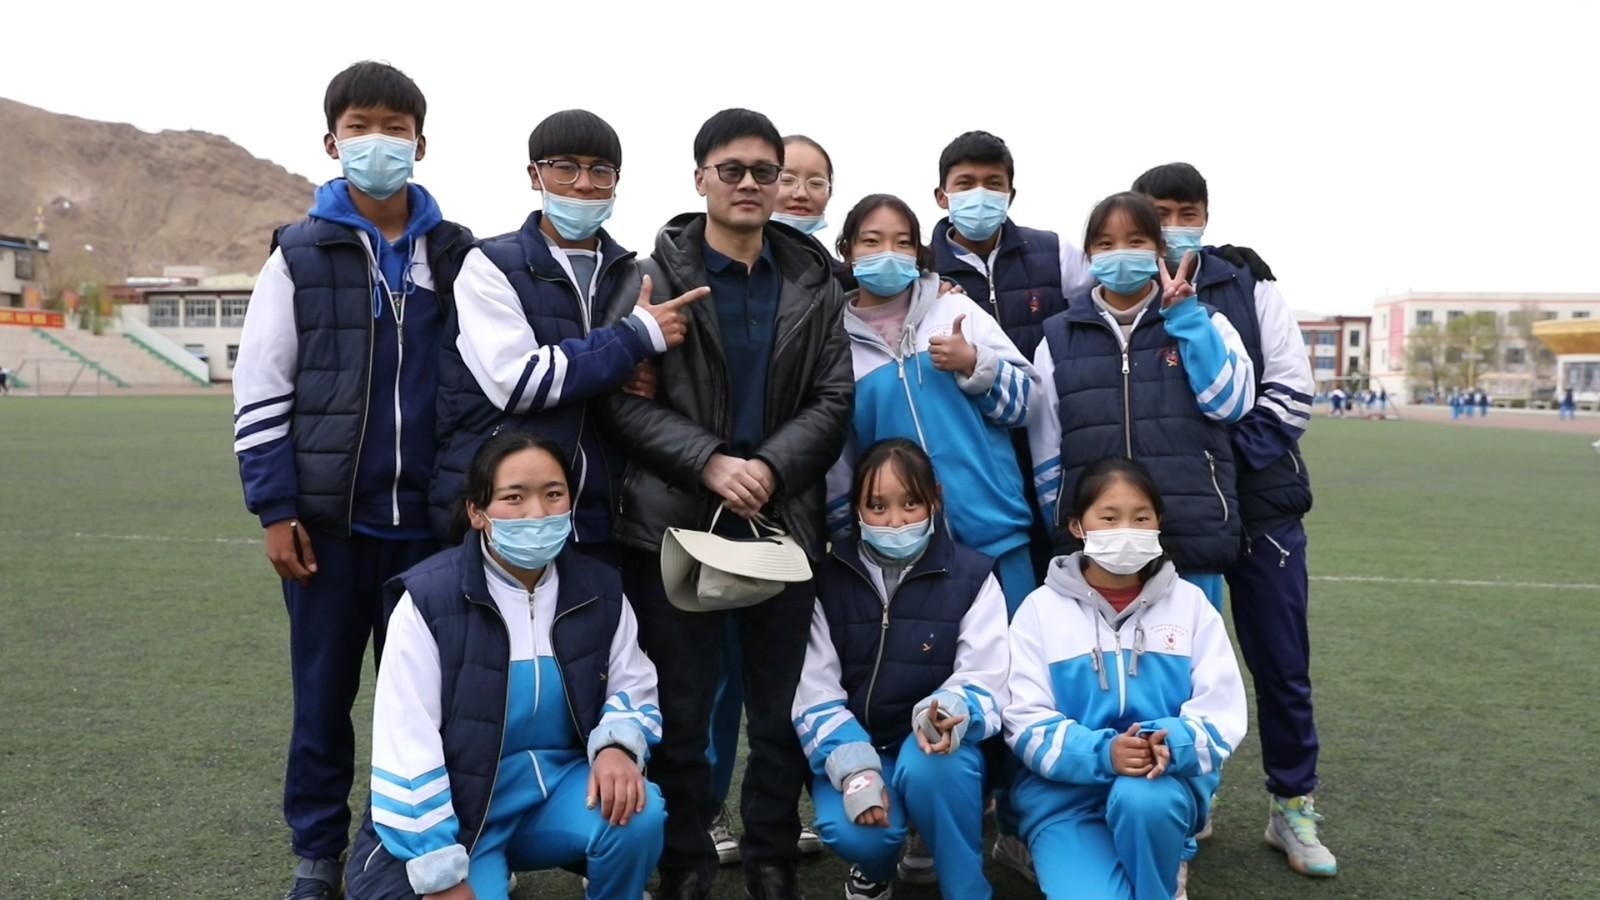 """藏族孩子们心中的汉族""""老爸"""" ——记山东青岛援藏教师尚成立"""